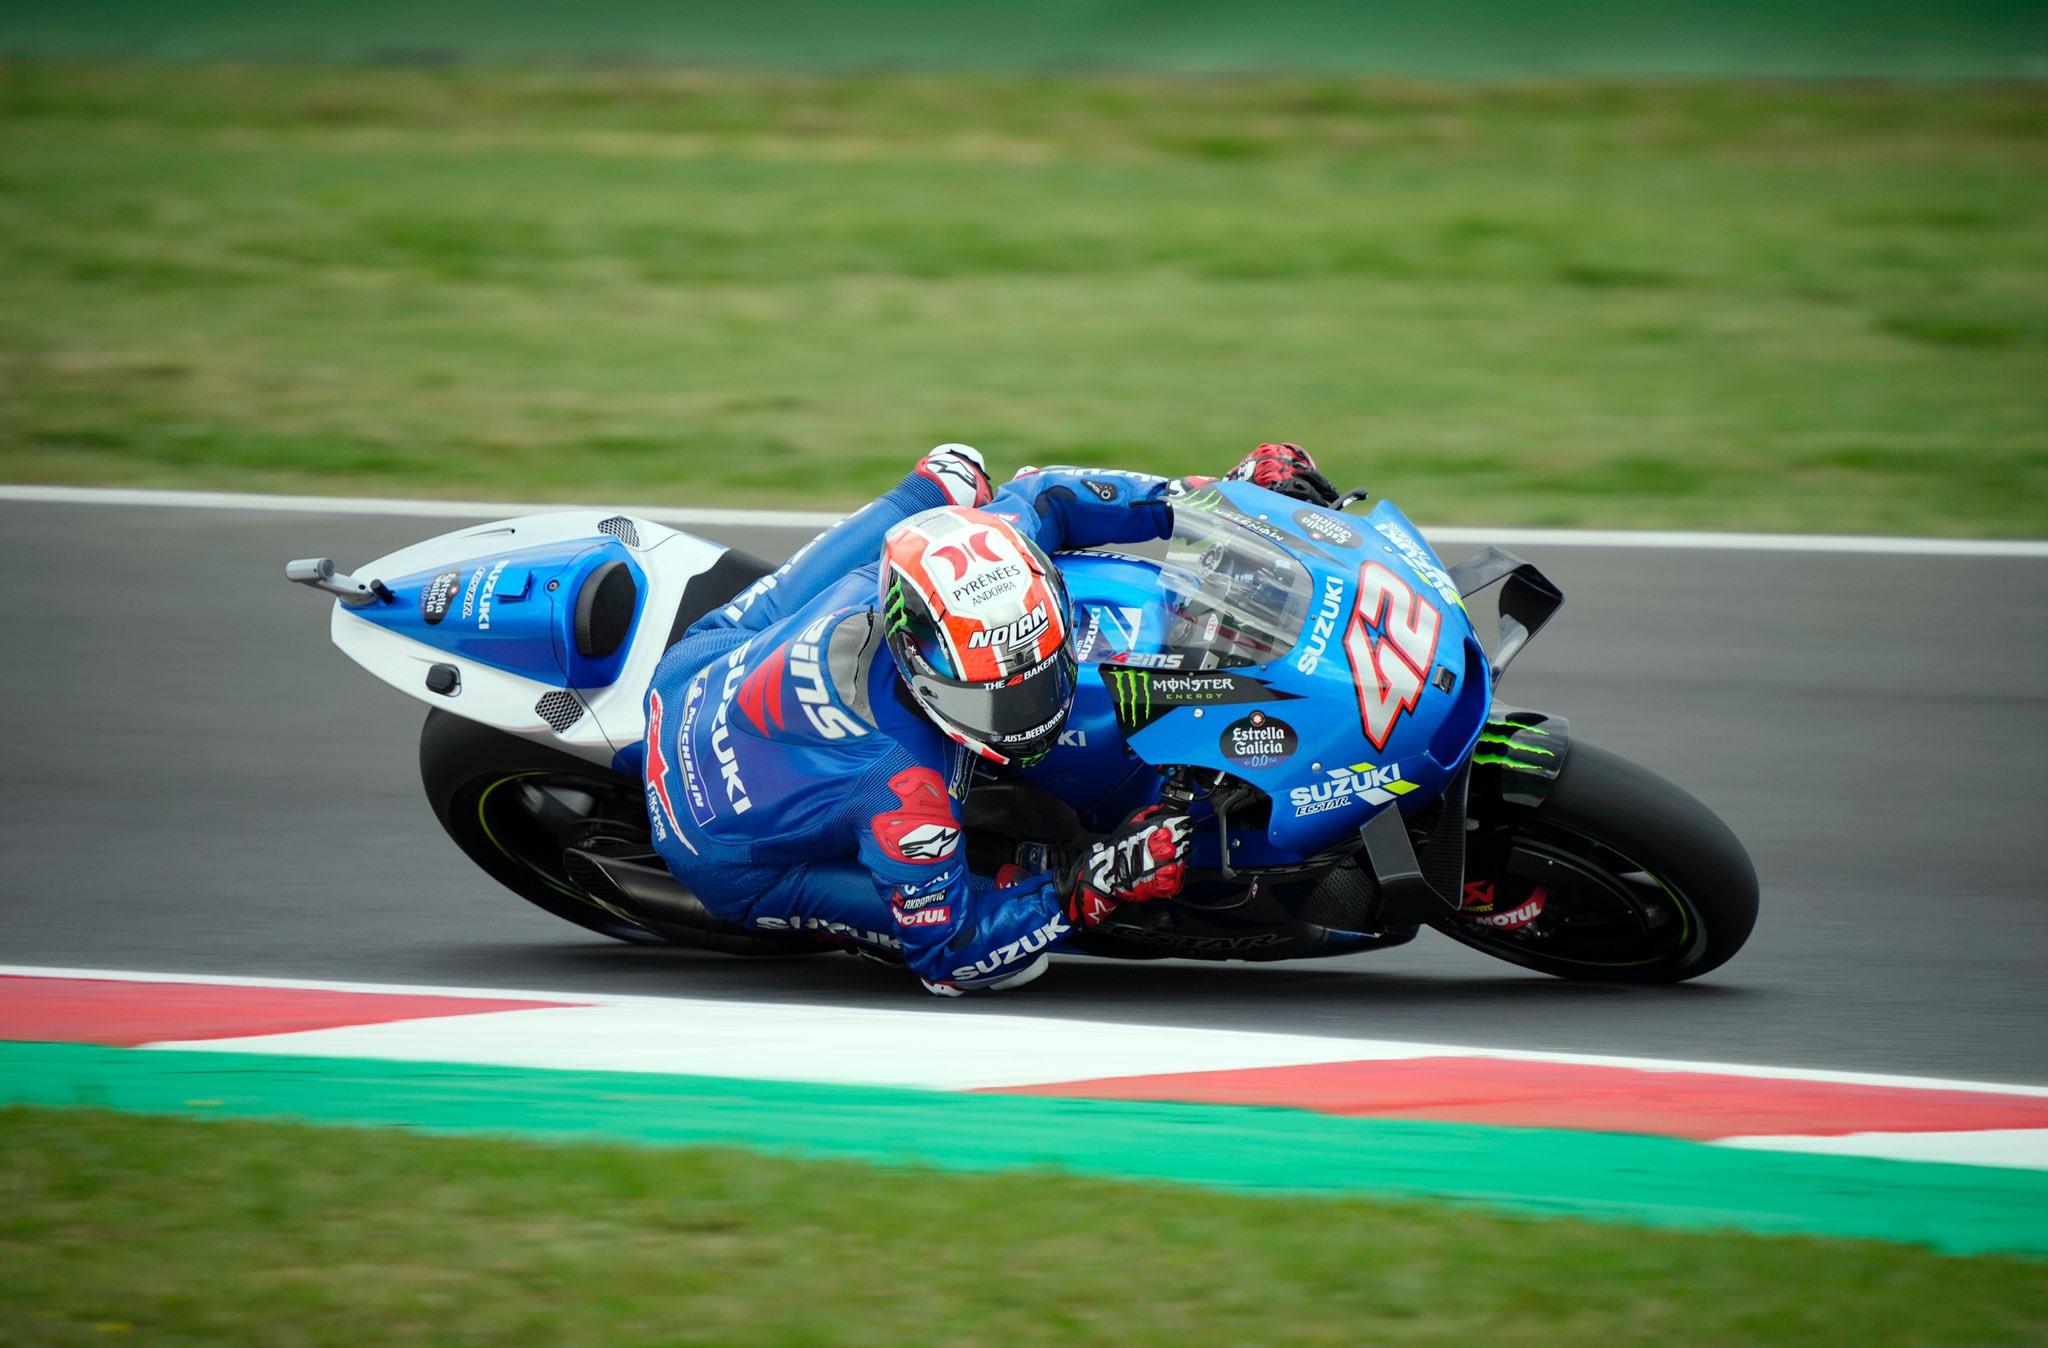 Warm Up, Gp di San Marino: Alex Rins il più veloce, Bagnaia 3°.